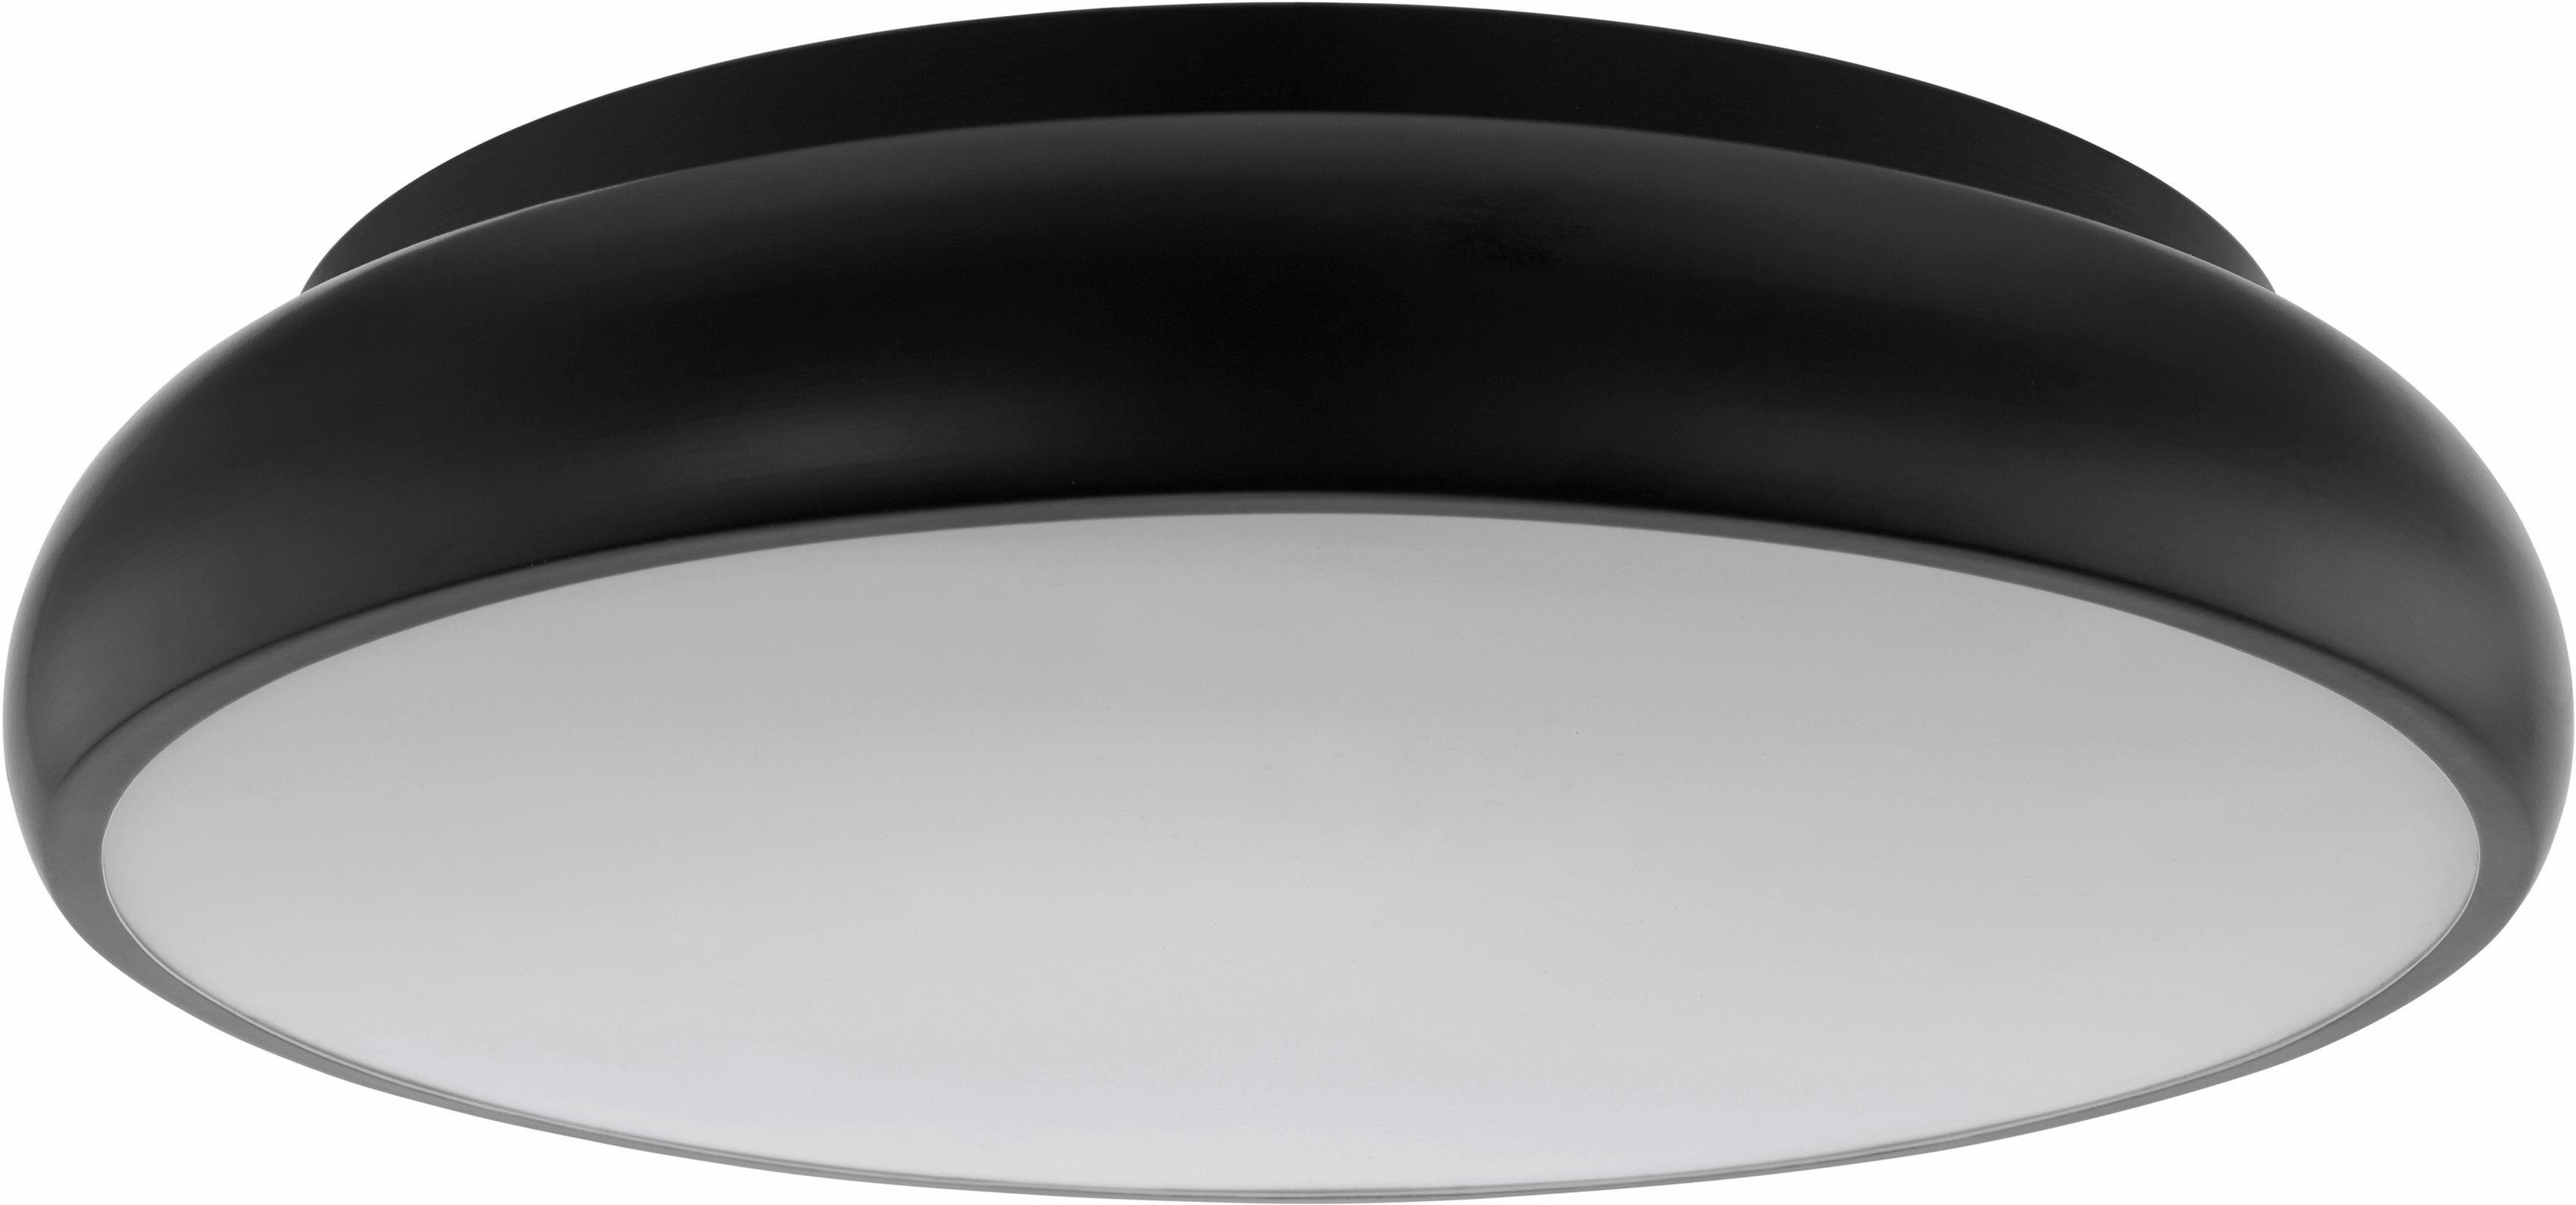 EGLO LED Deckenleuchte »RIODEVA-C«, LED-CCT-Lichtsteuerung